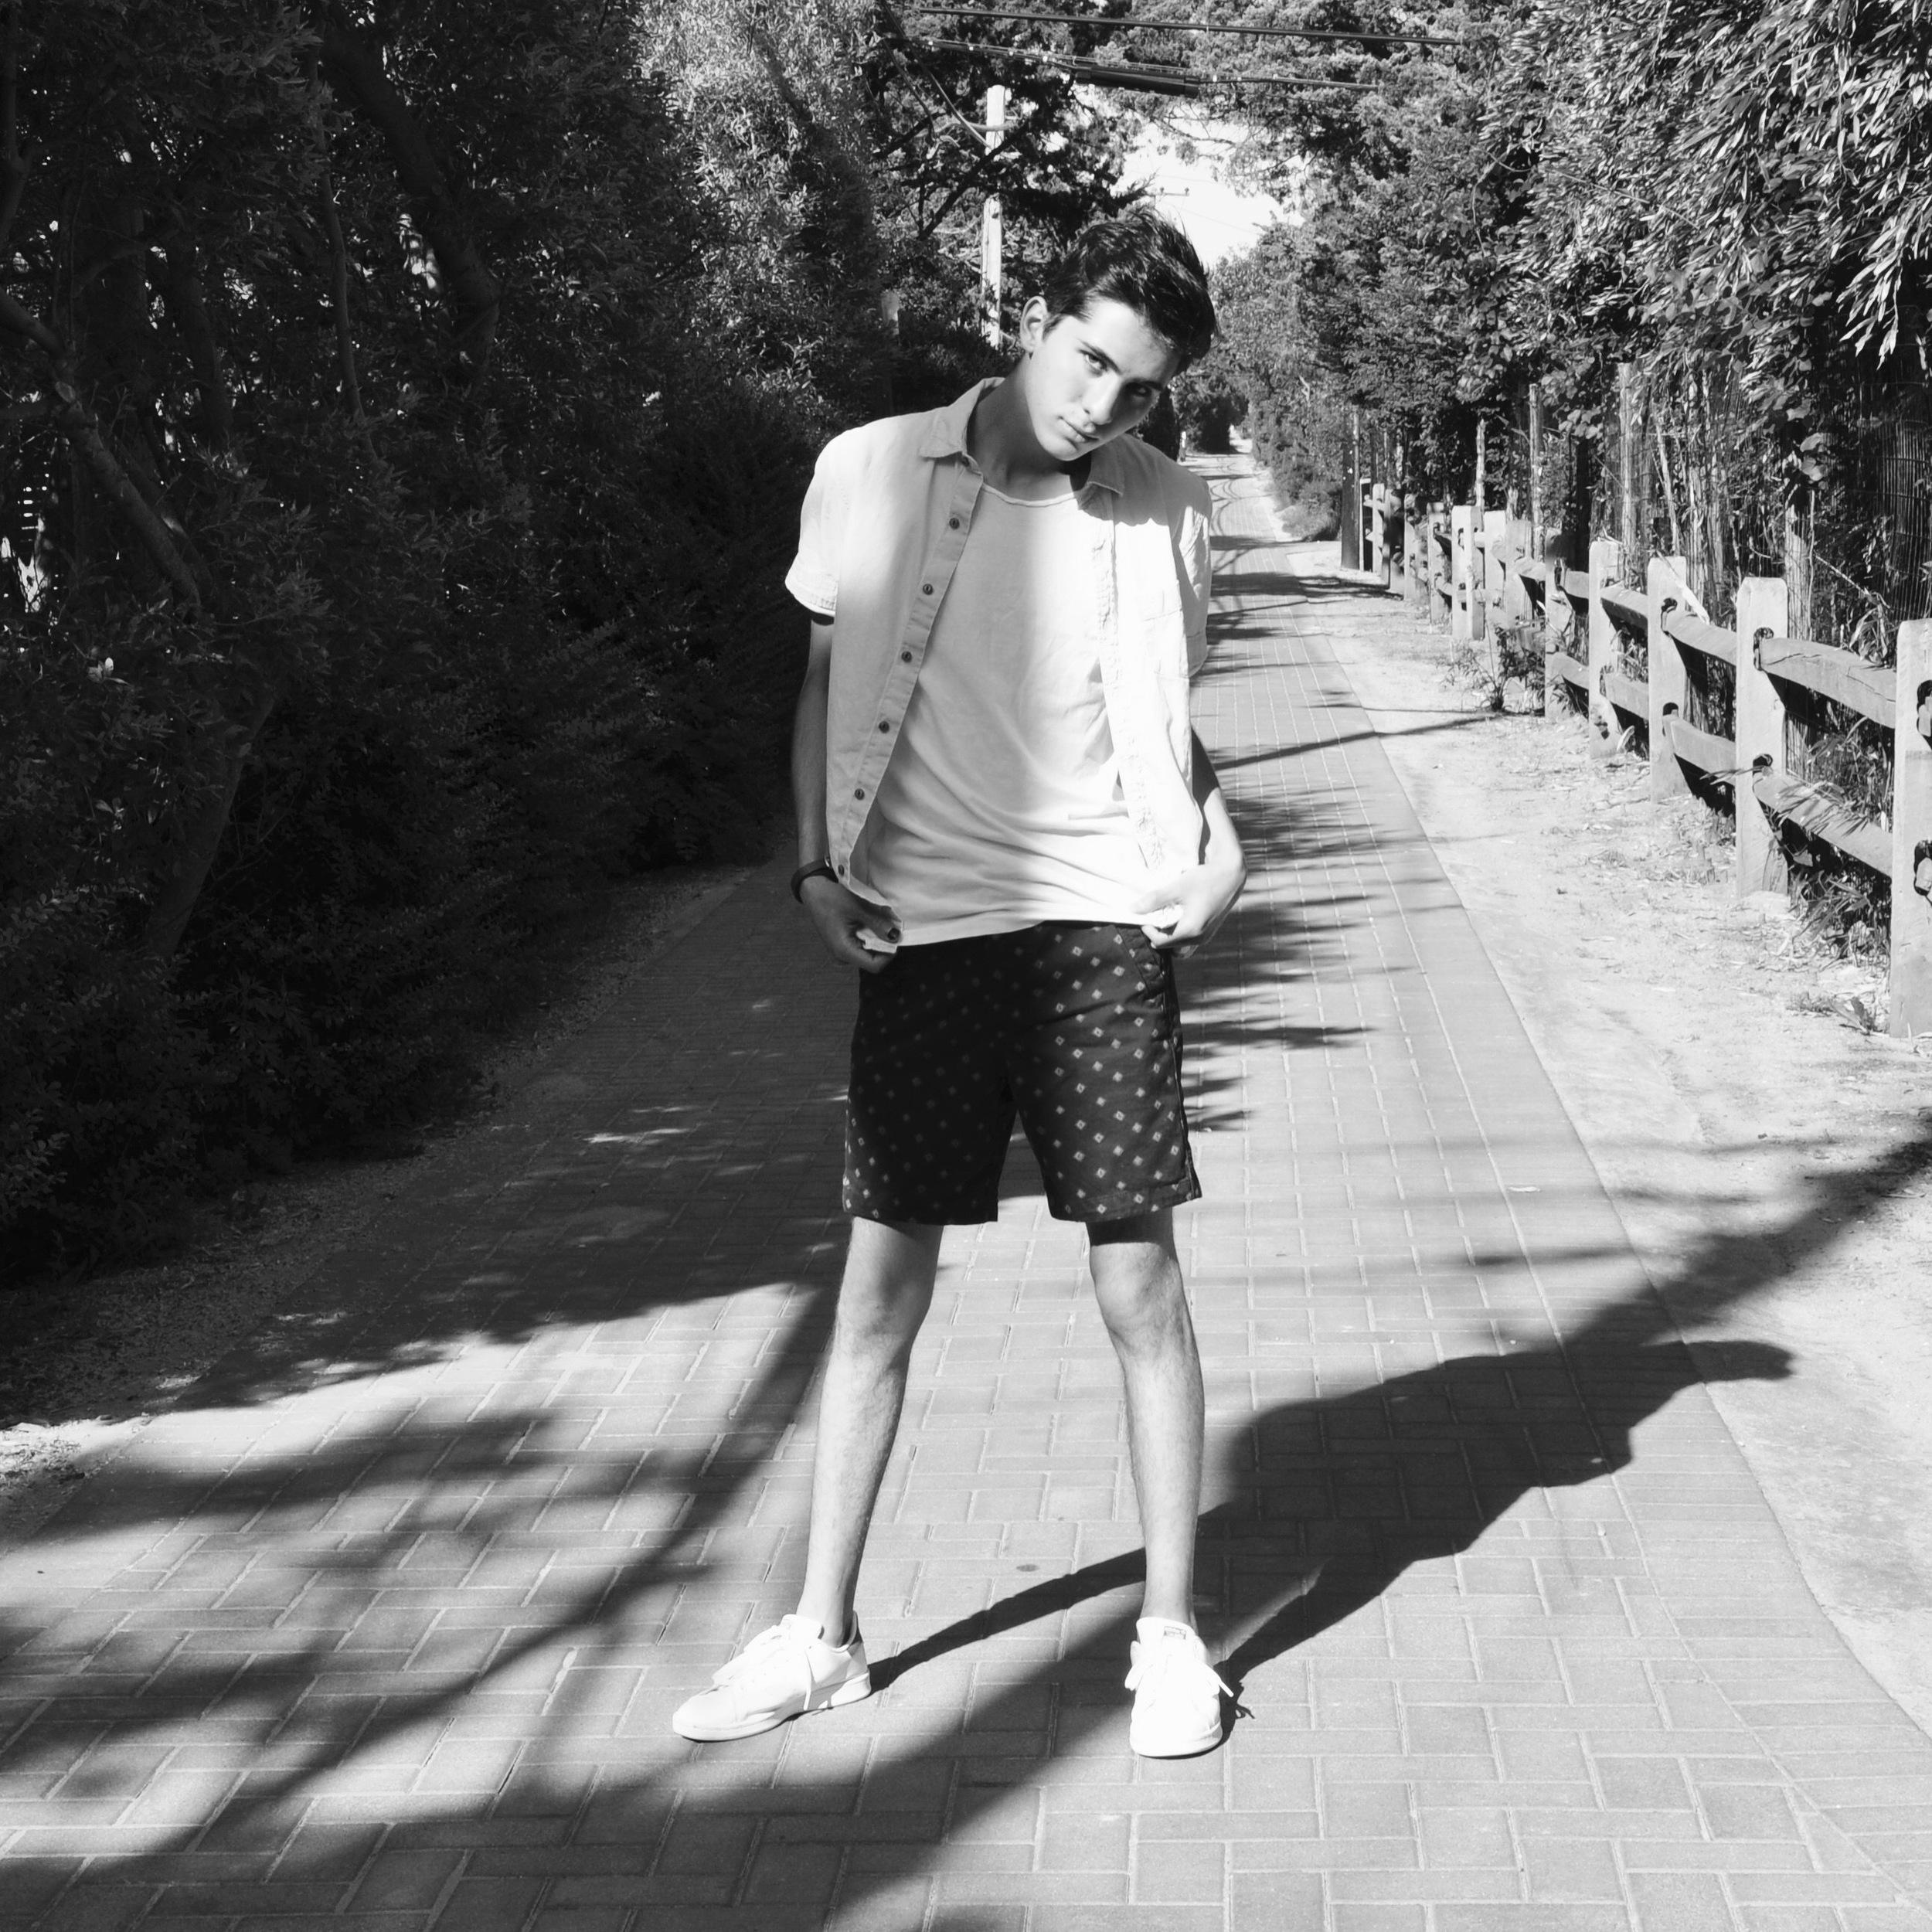 Beach Chic ft. Ryan Matthew